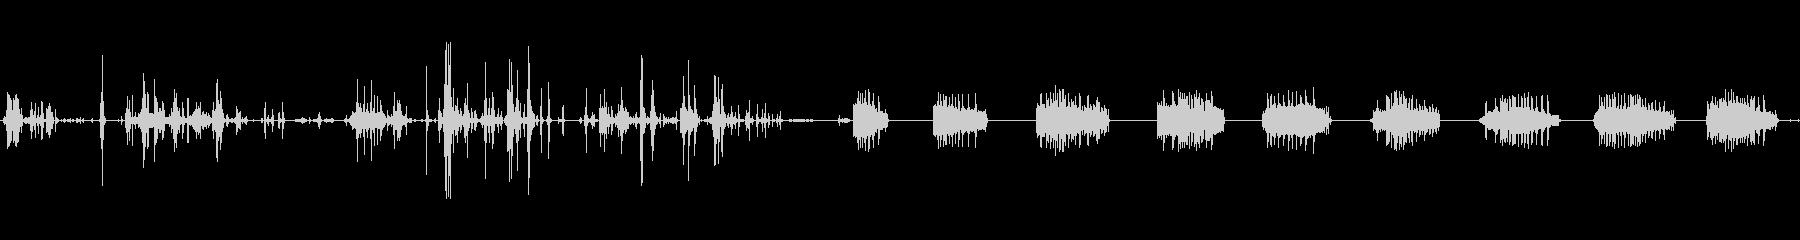 ラック:サウンドのセットアップクラ...の未再生の波形